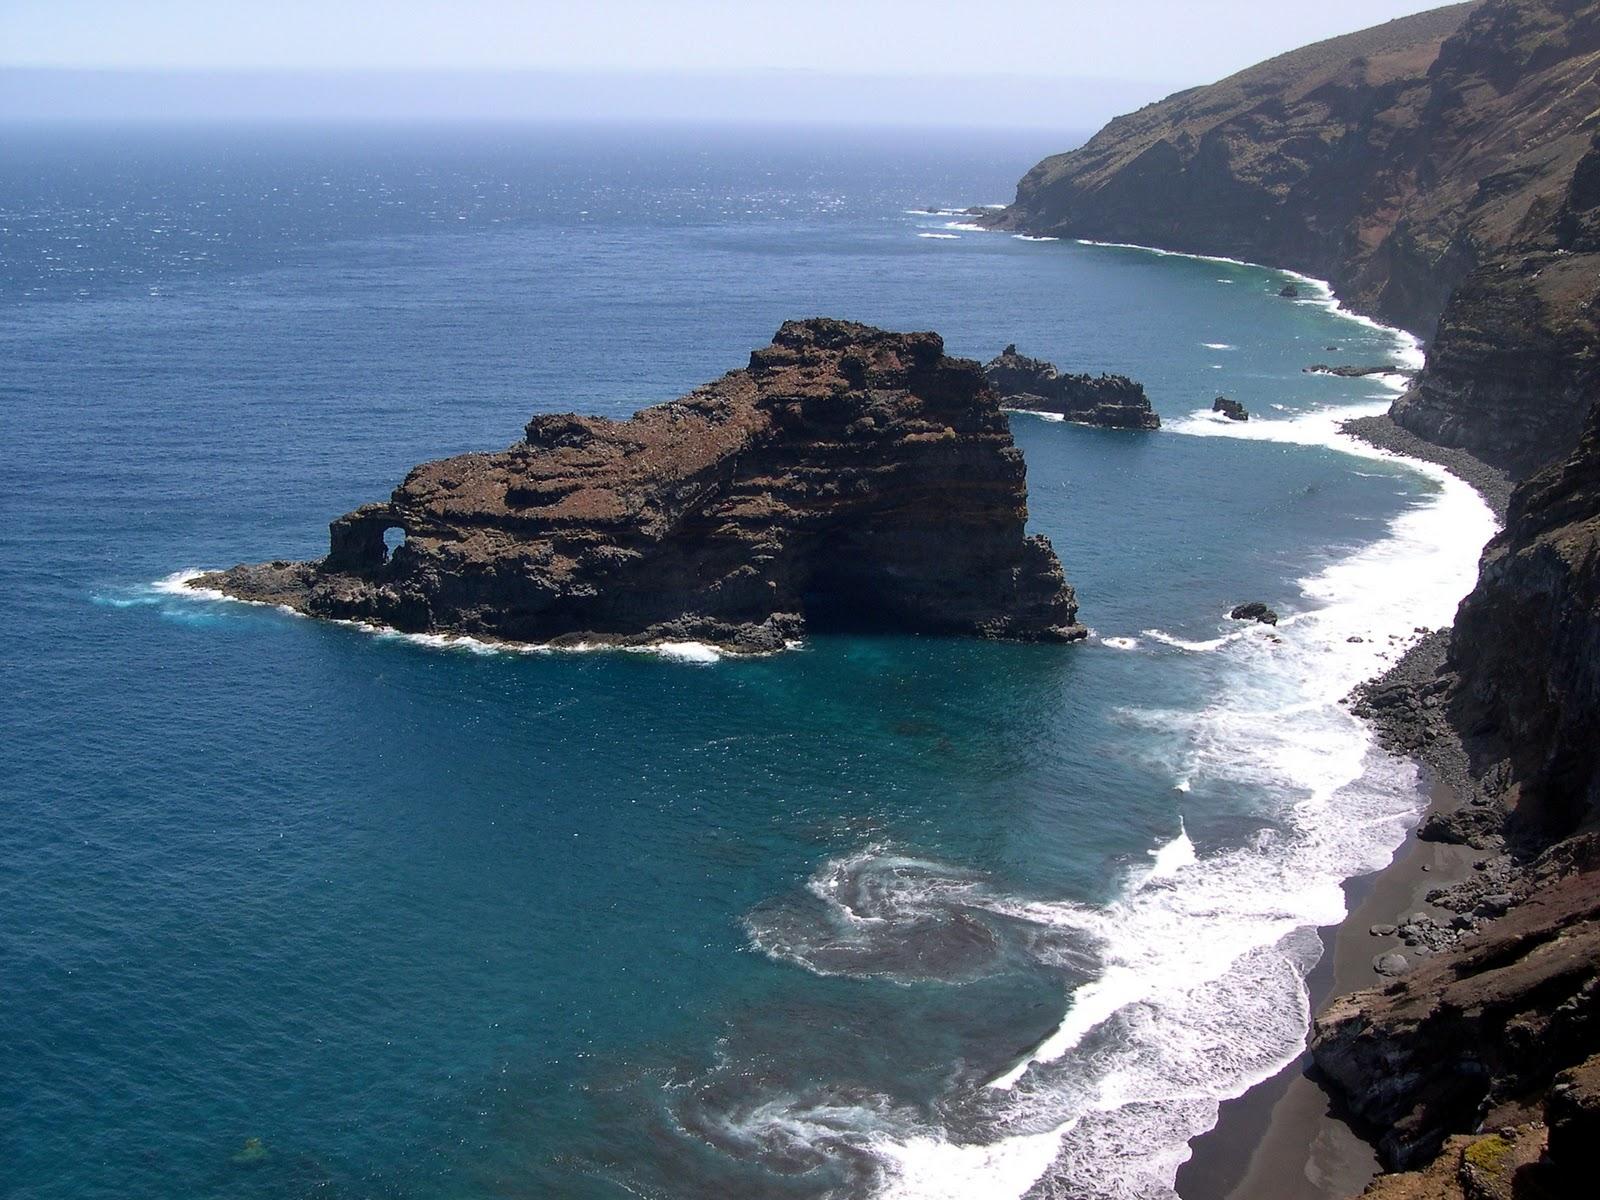 Gira espa ola la palma islas canarias - Ofertas canarias enero ...